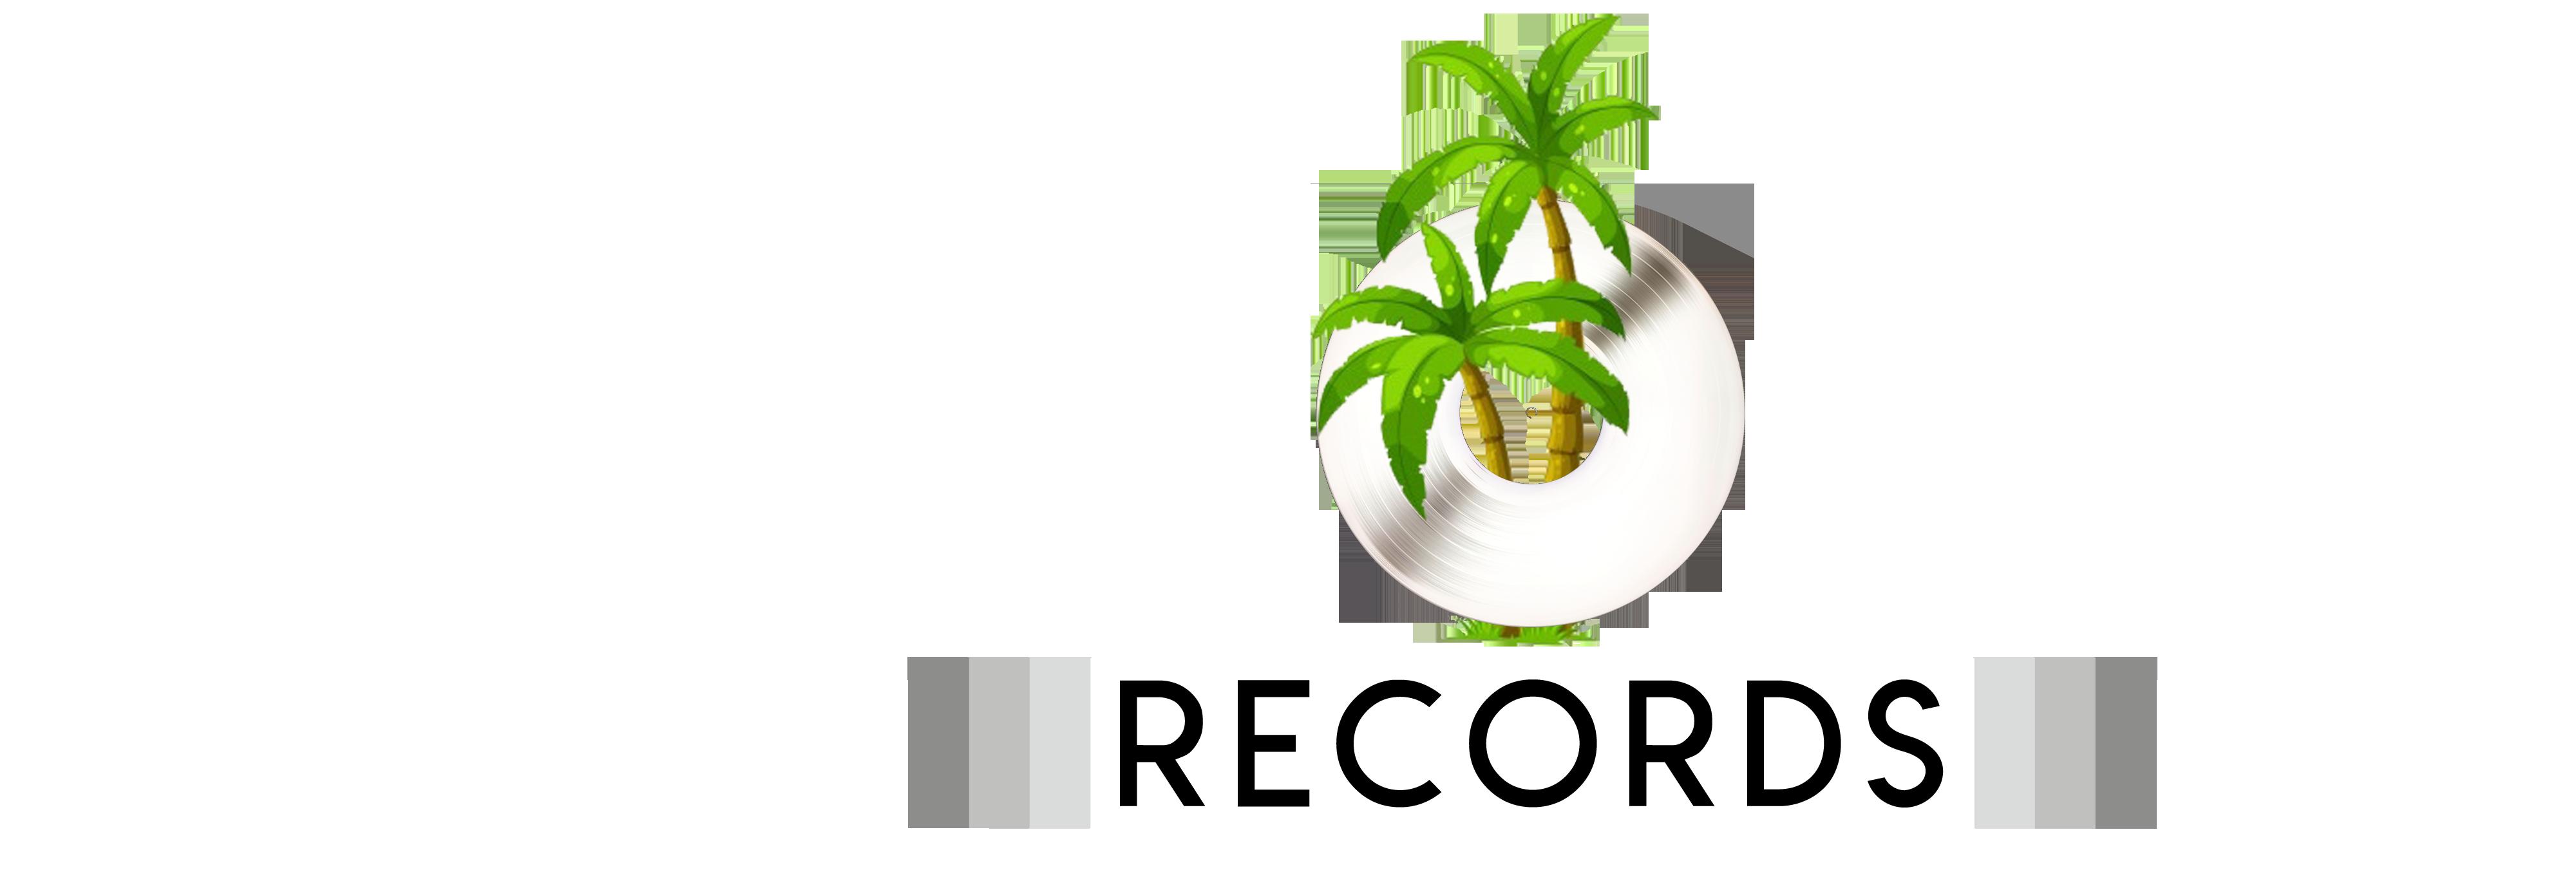 Carioca records